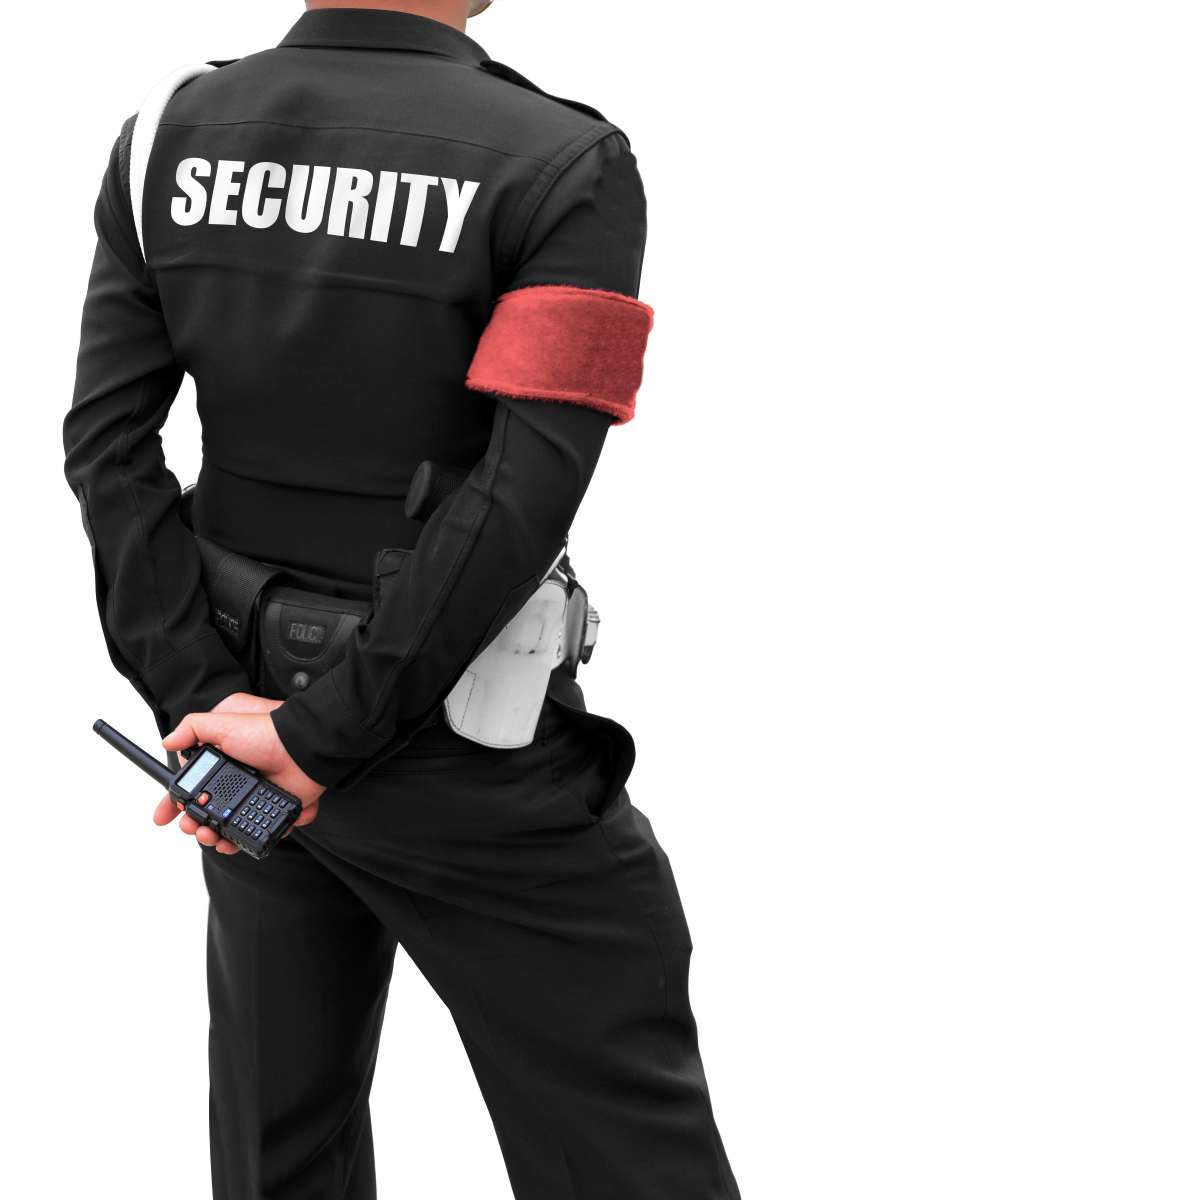 equipaggiamento di una guardia giurata particolare accademia del lavoro jpg